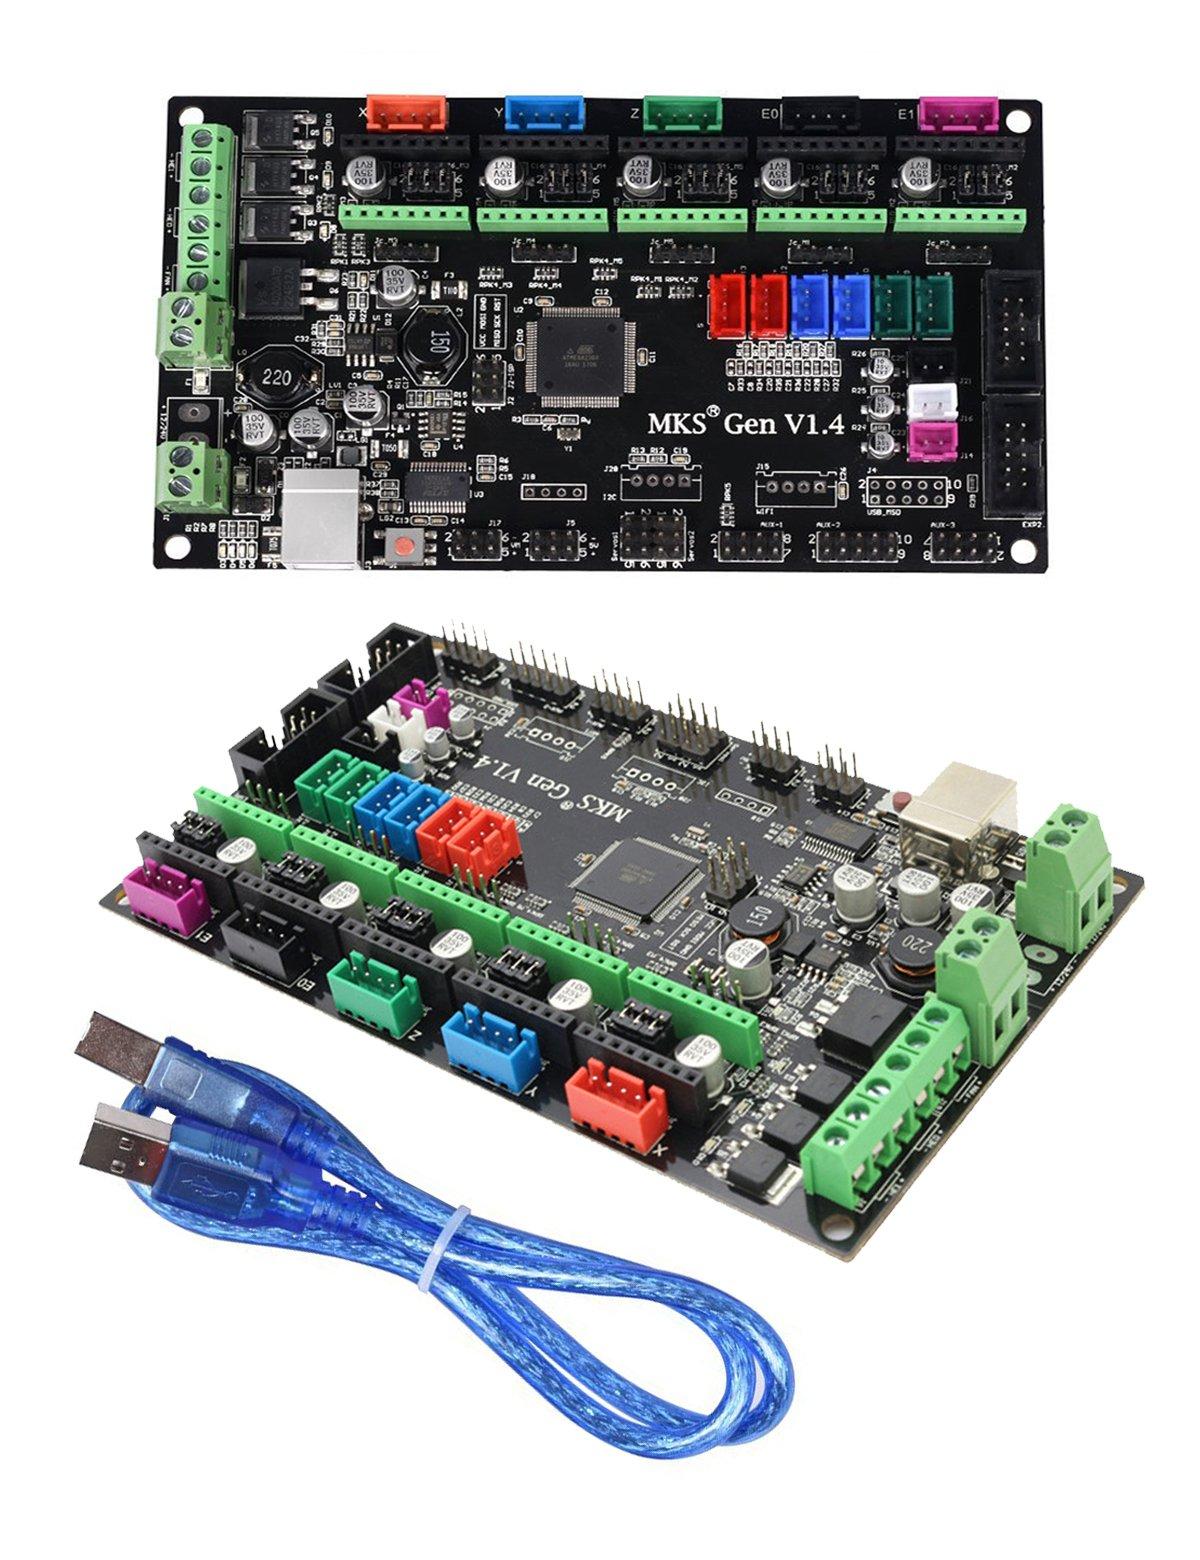 Imprimante 3D MKS Ramps1.4 carte mère de contrôle de Mega 2560 R3 de carte mère d'impression 3d compatible avec USB